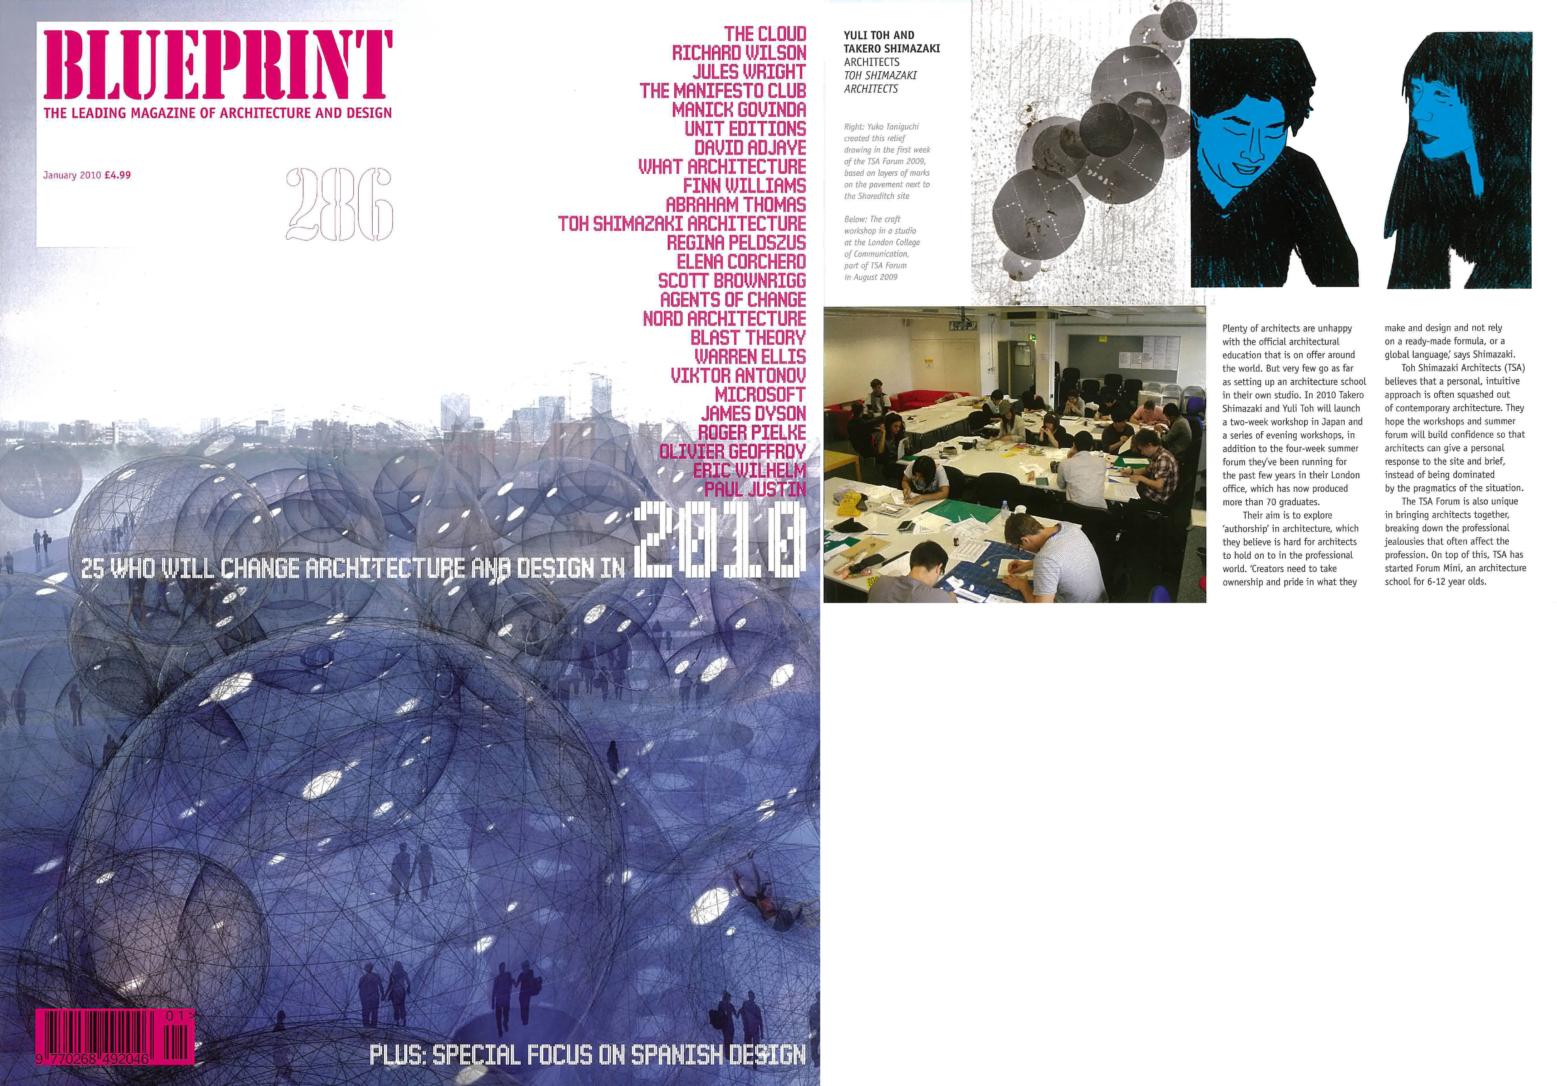 091207_Blueprint_sidebyside